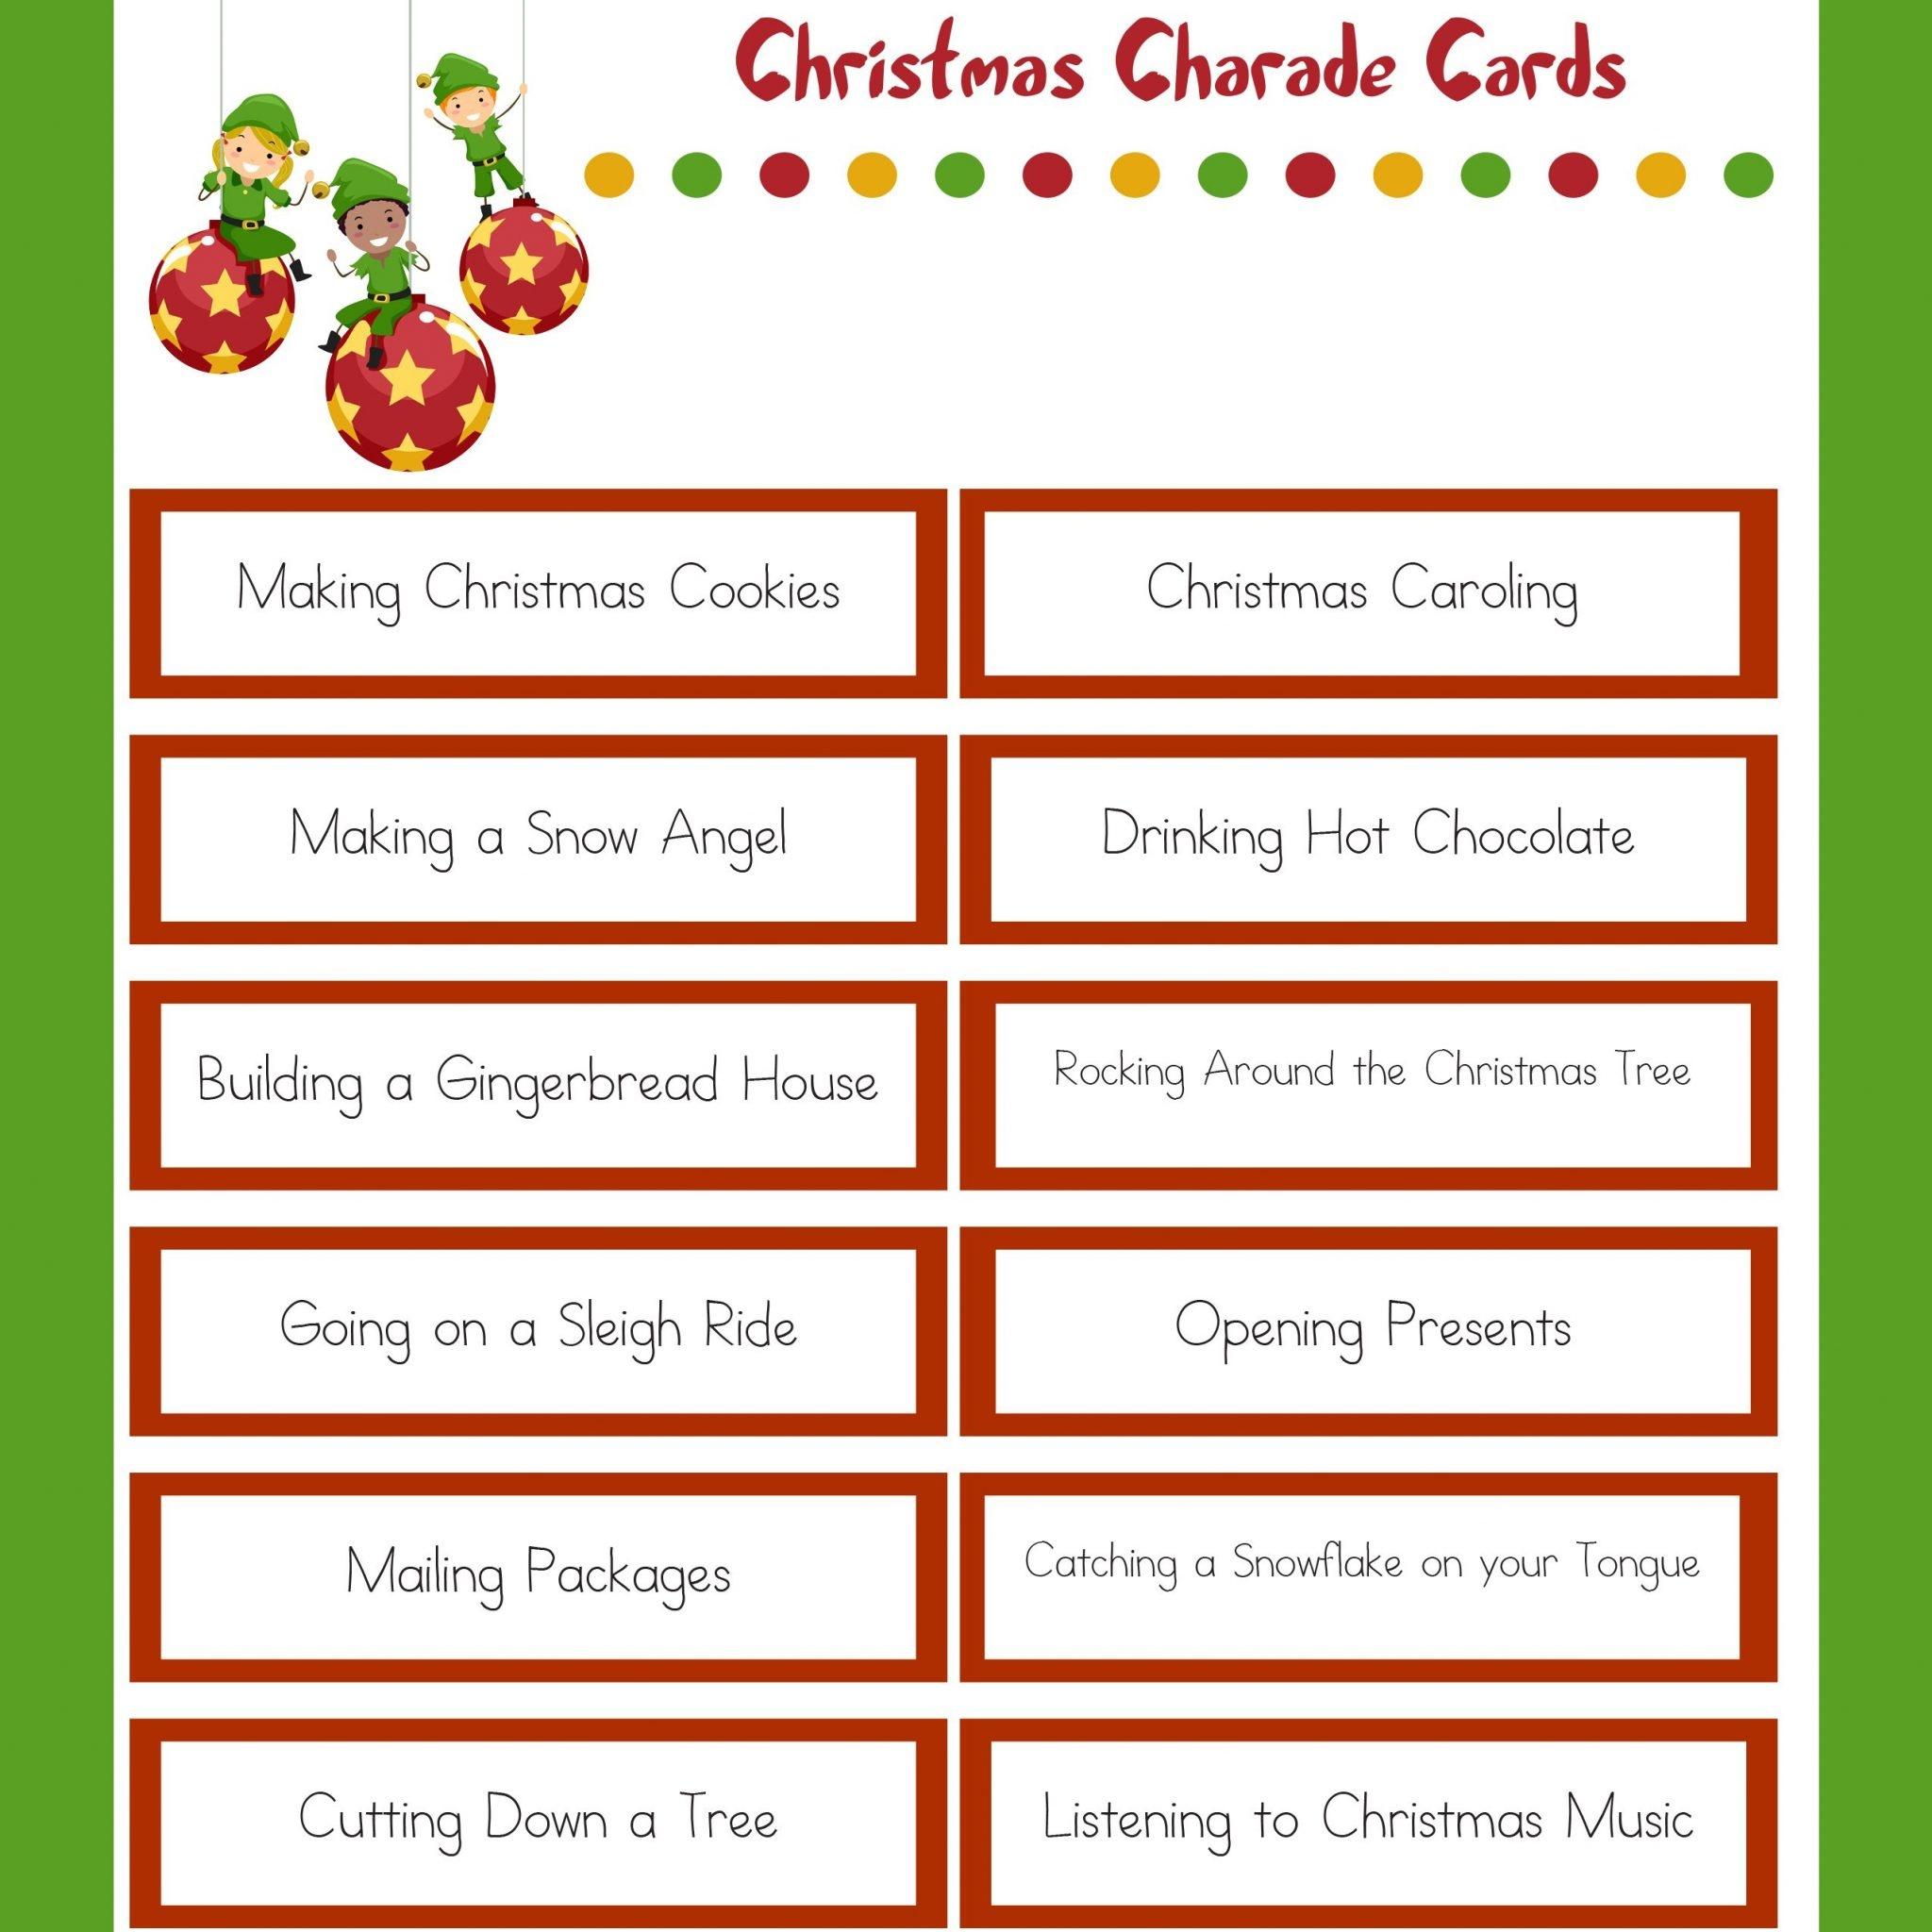 Christmas Charades - Family Christmas Party Game - Free Printable Christmas Charades Cards